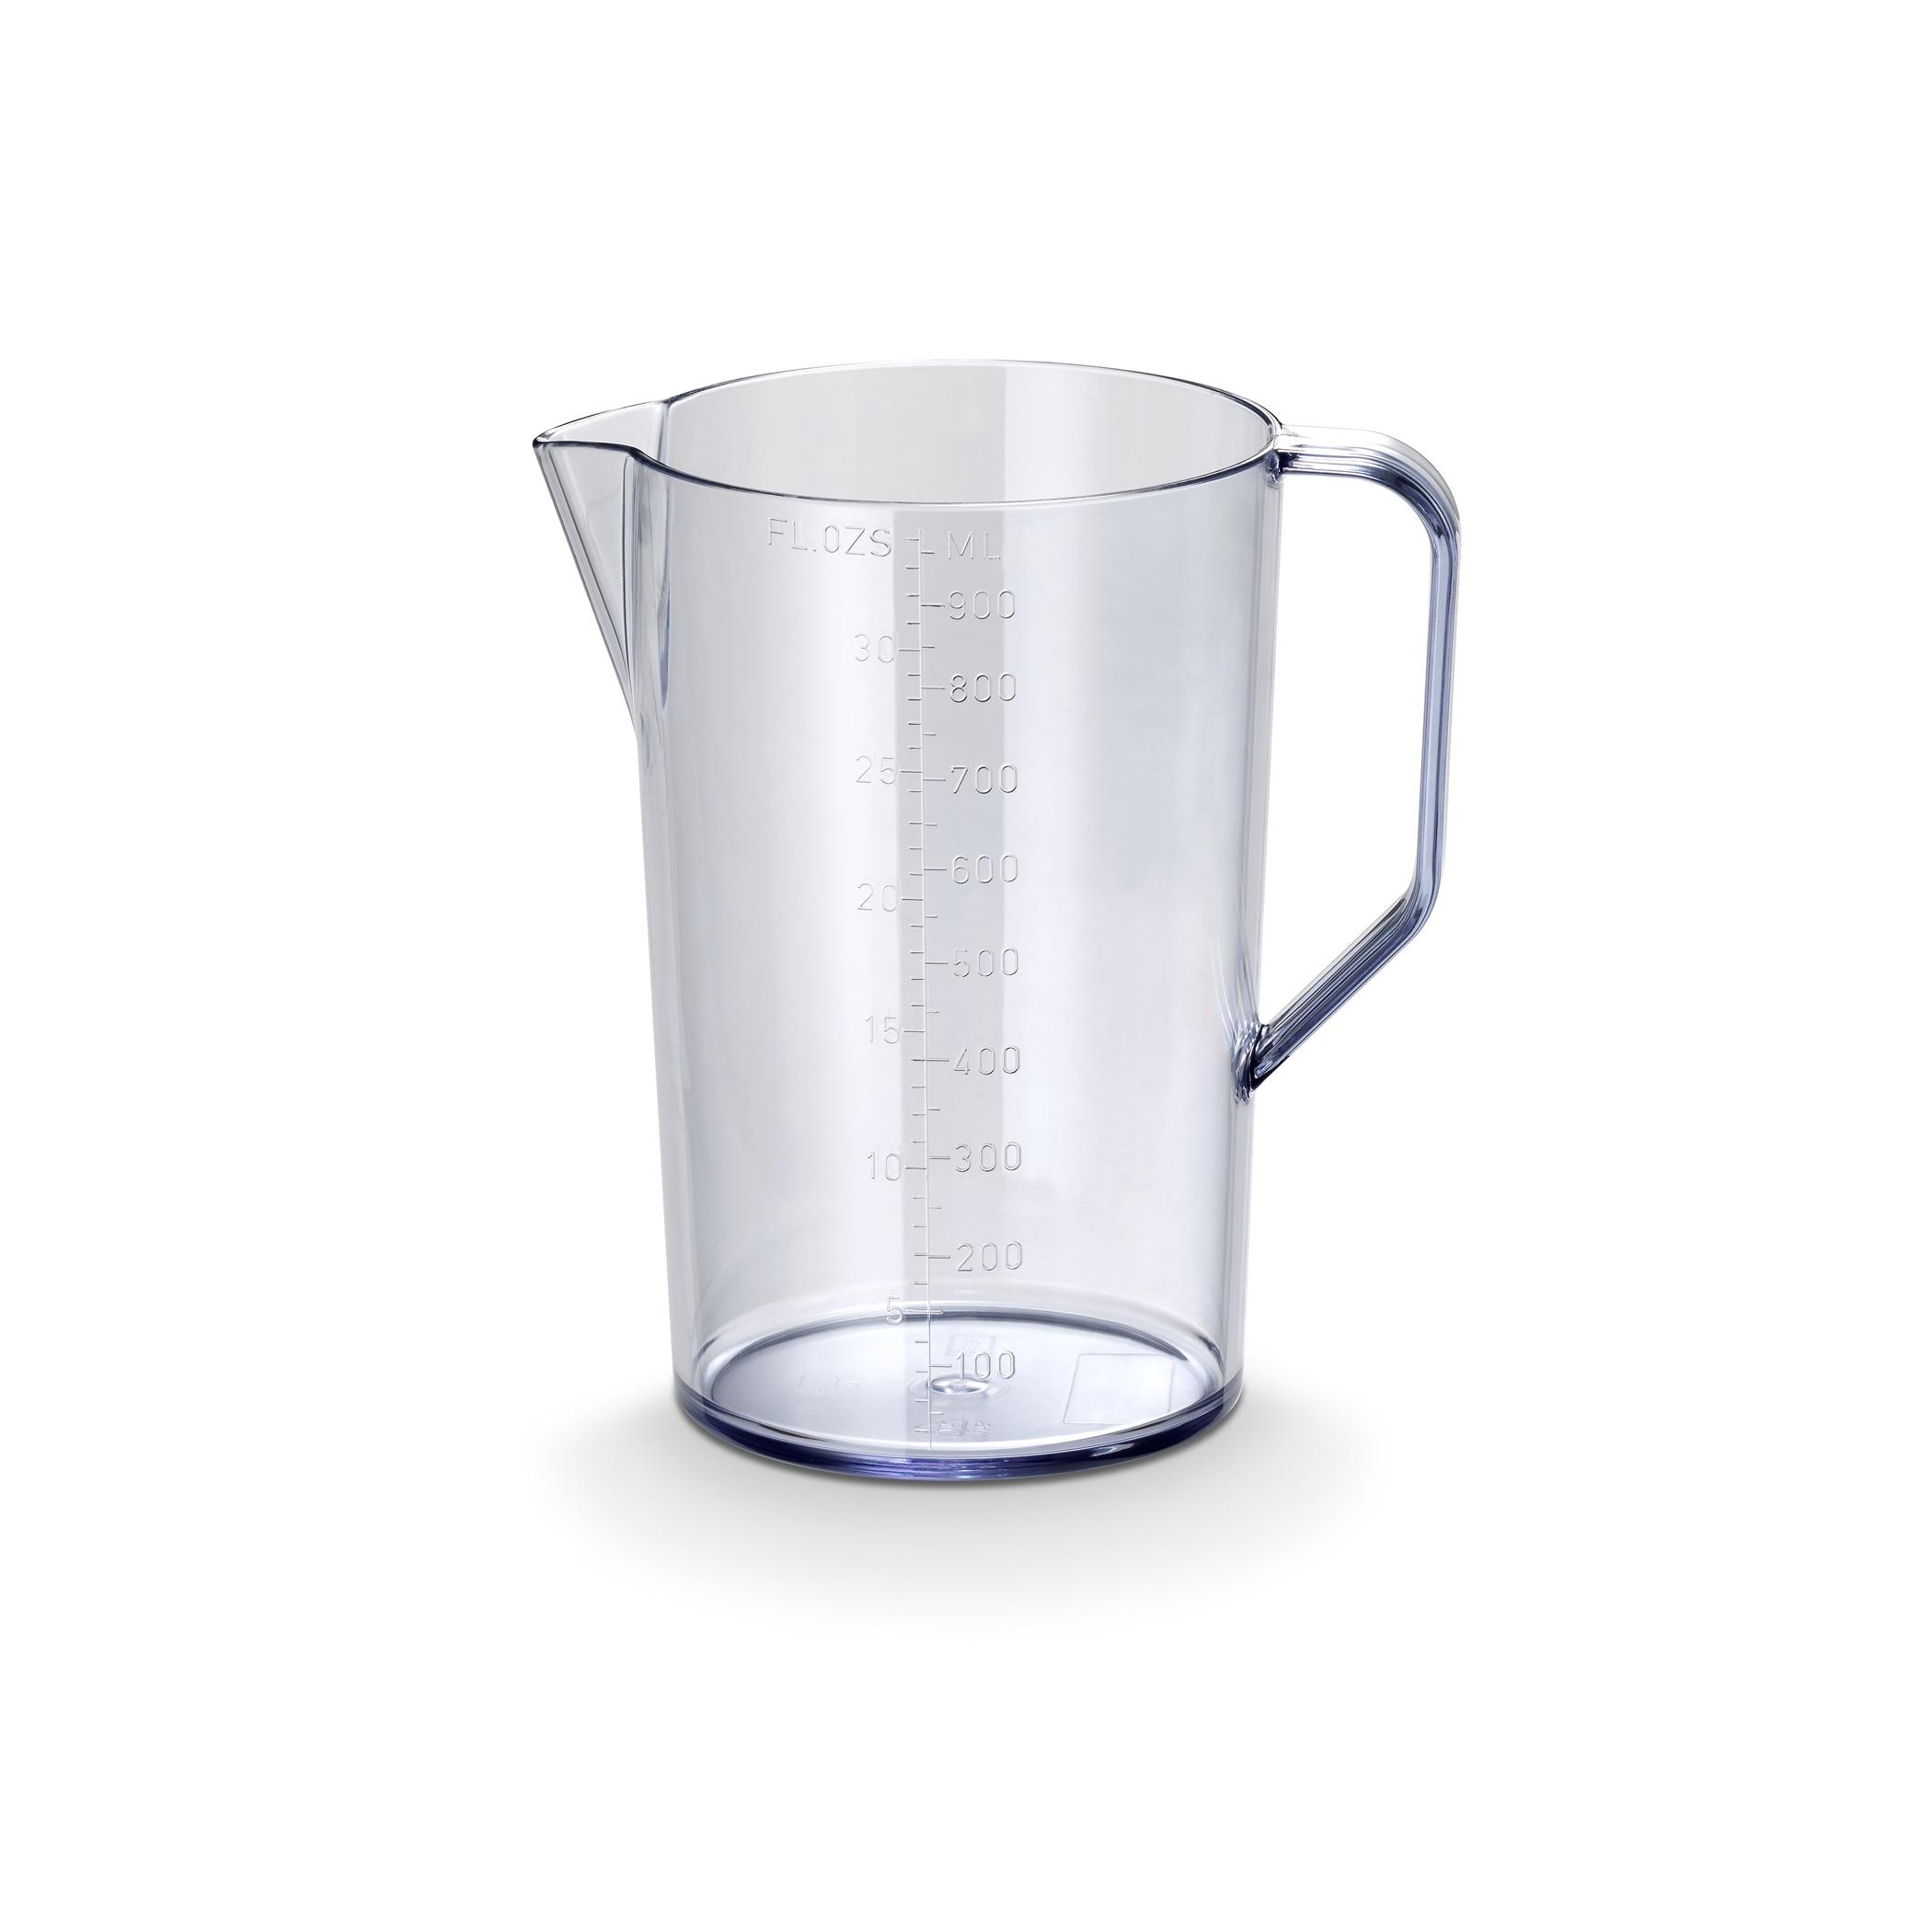 Mixerskål/ kanna 1000 ml handtag, Bamix thumbnail